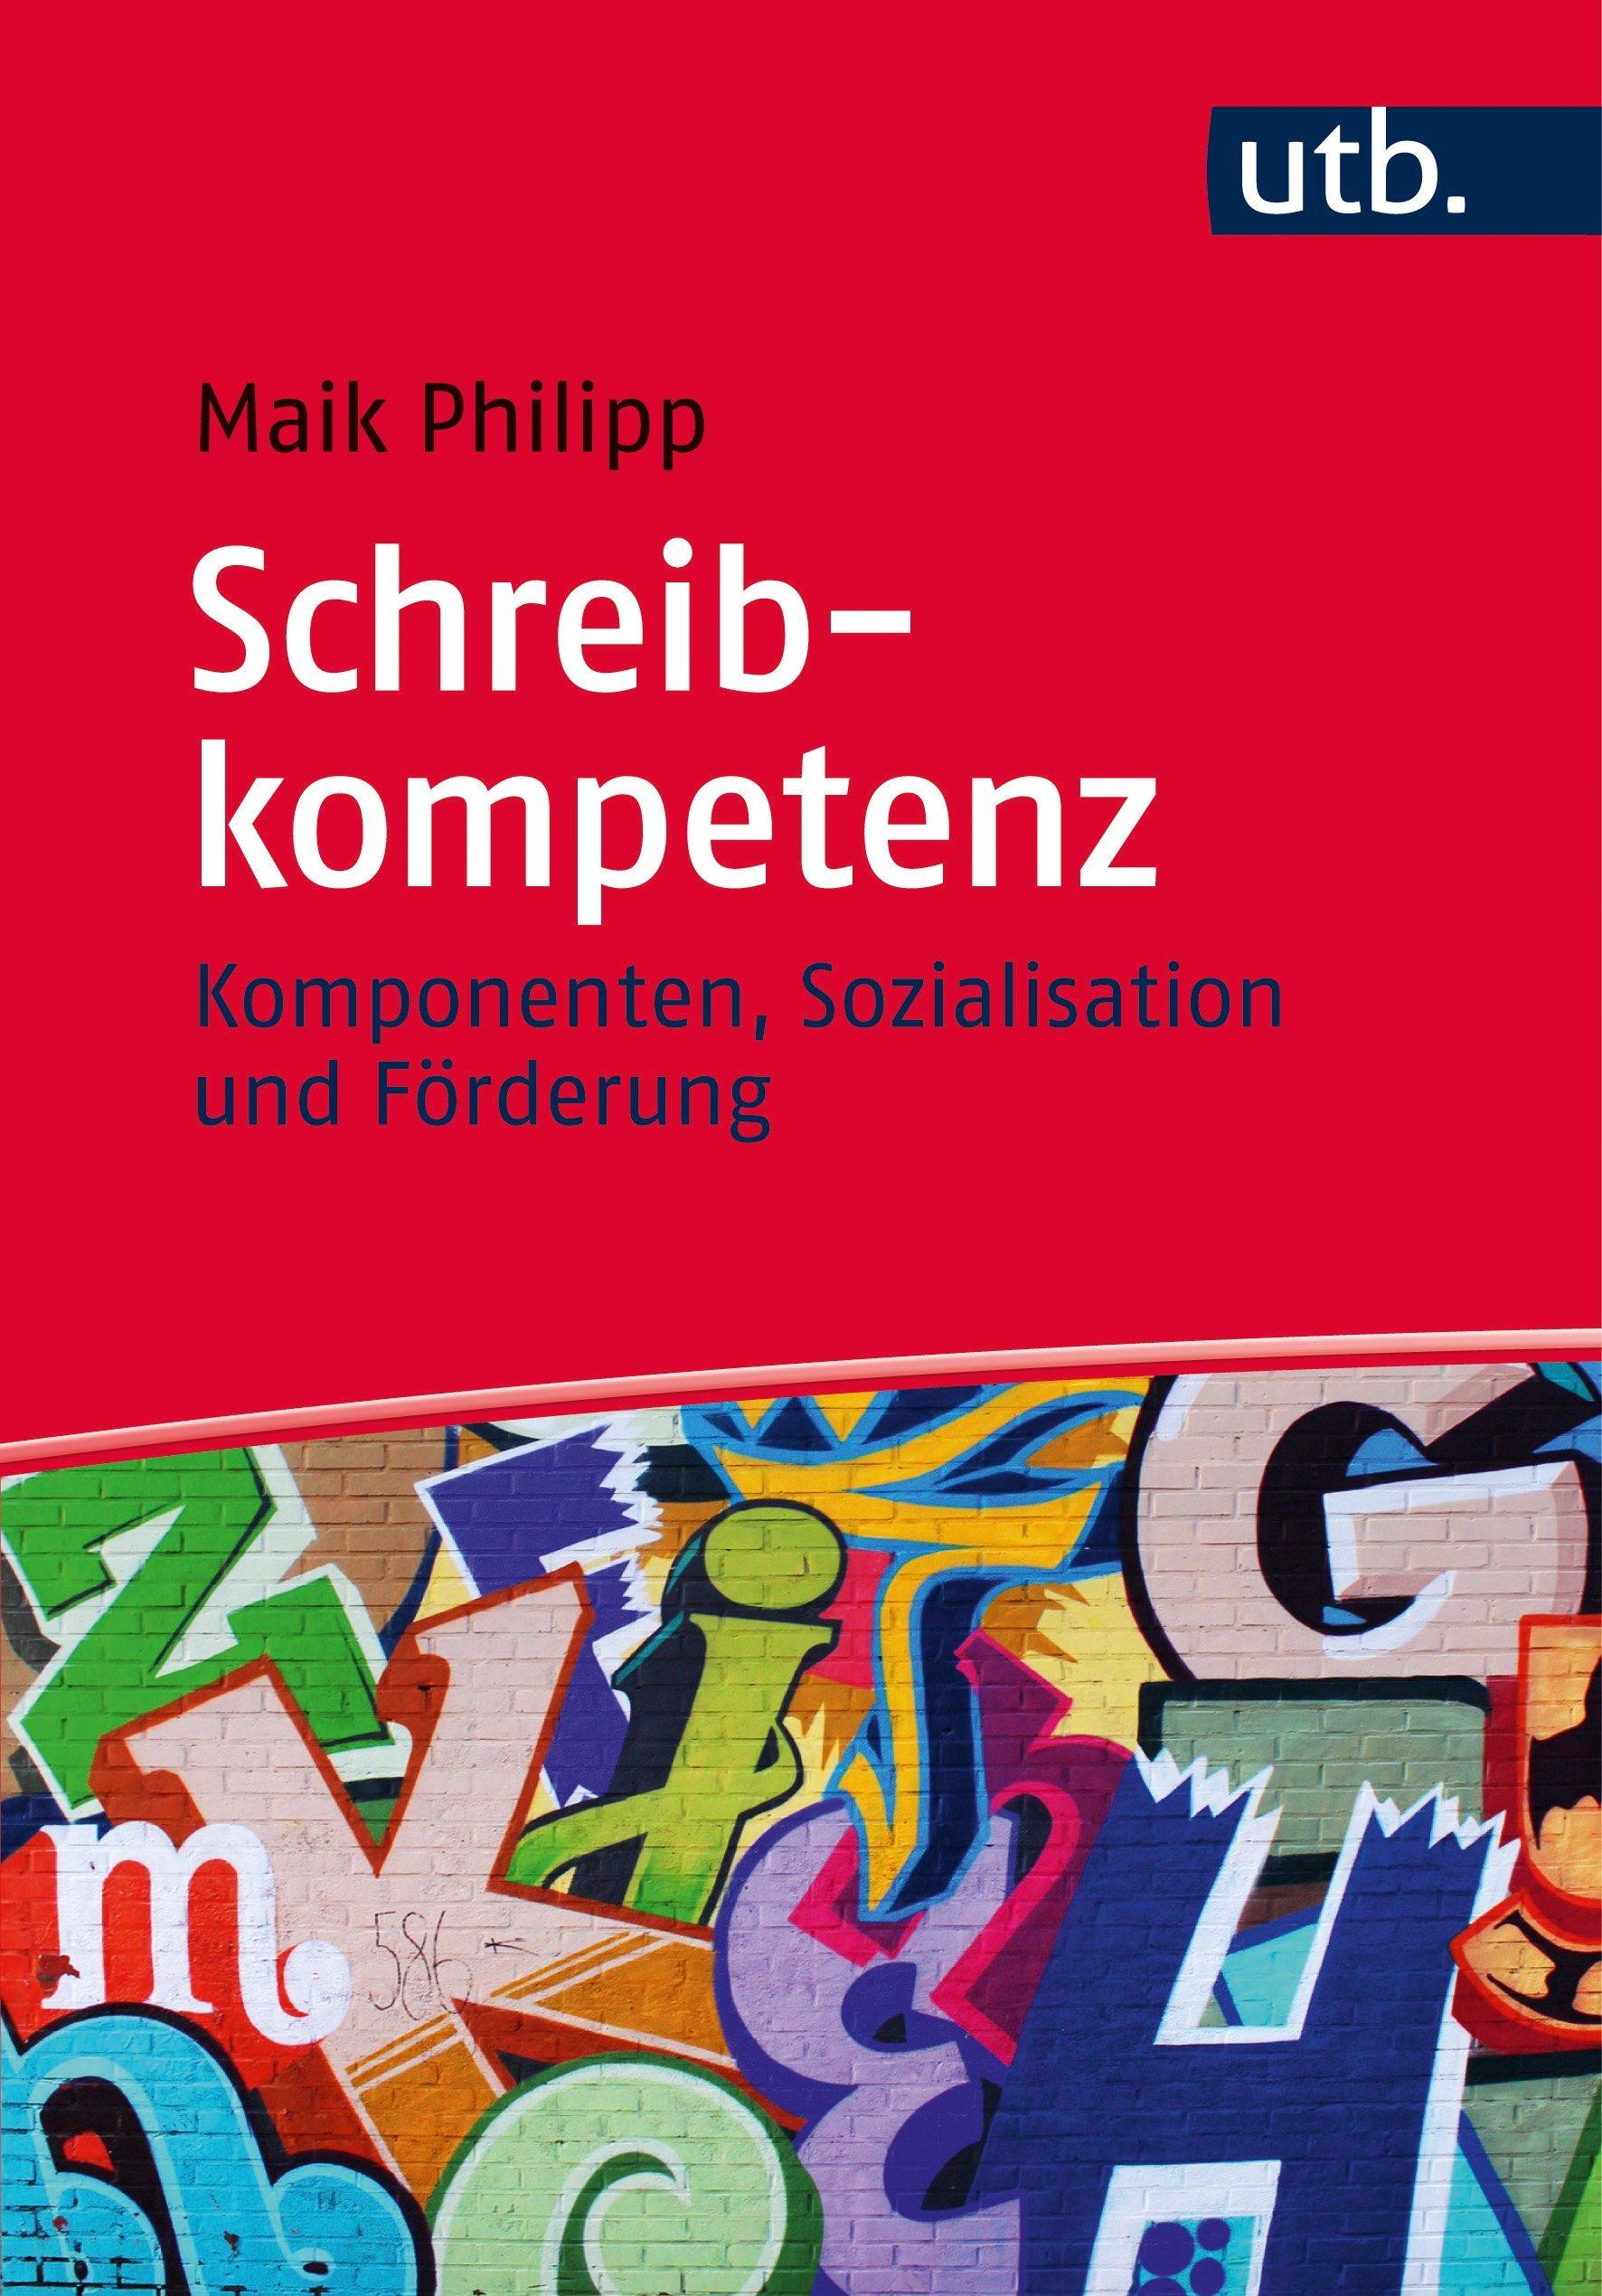 Schreibkompetenz: Komponenten, Sozialisation und Förderung Taschenbuch – 16. September 2015 Maik Philipp UTB GmbH 3825244571 für die Hochschulausbildung